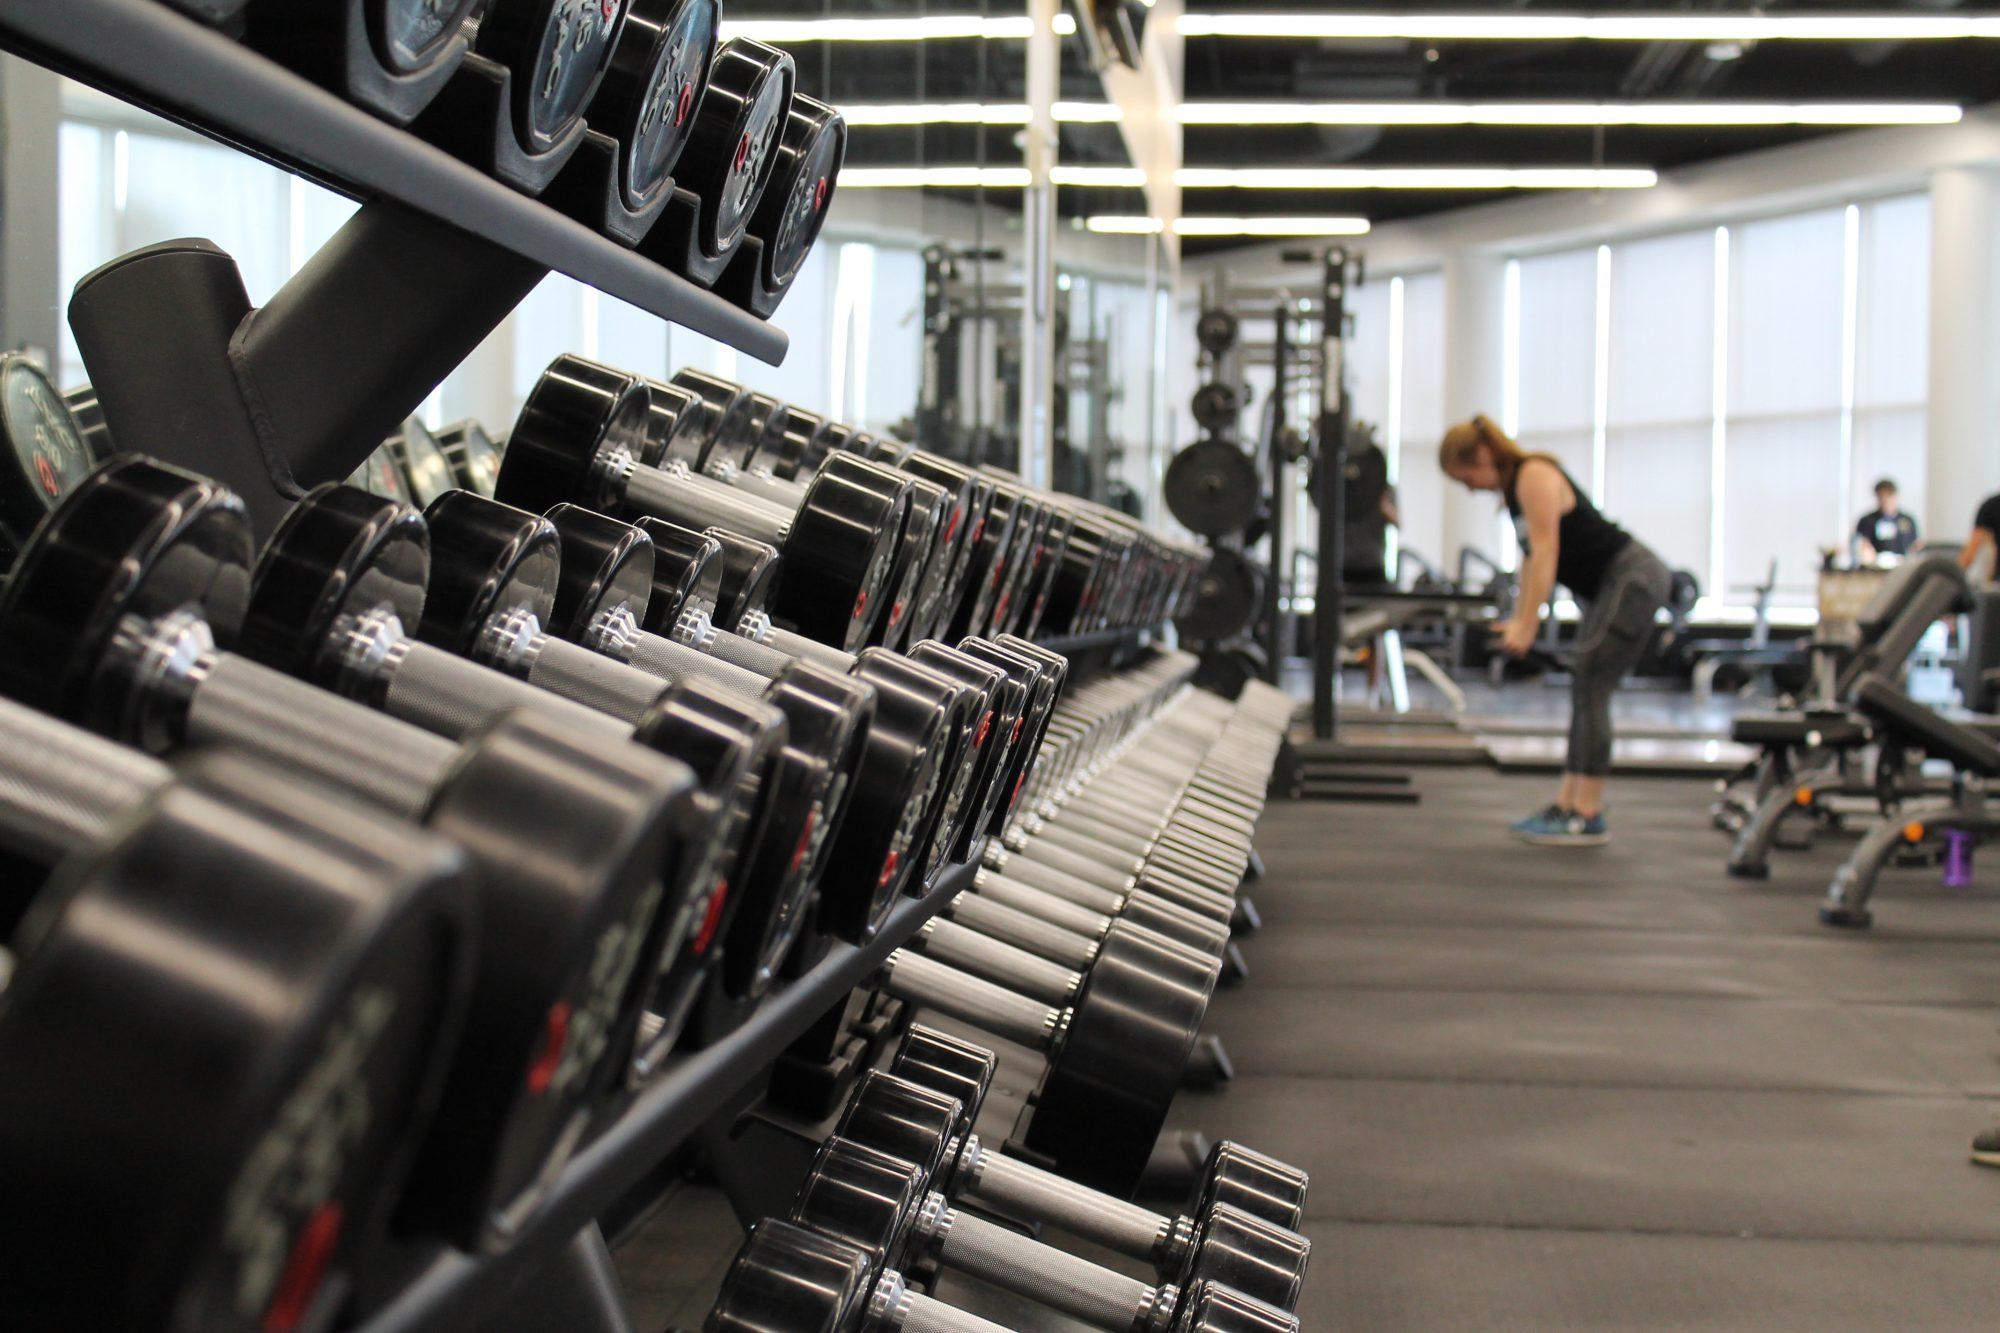 Fitness Center & Gym Insurance: A Beginner's Guide